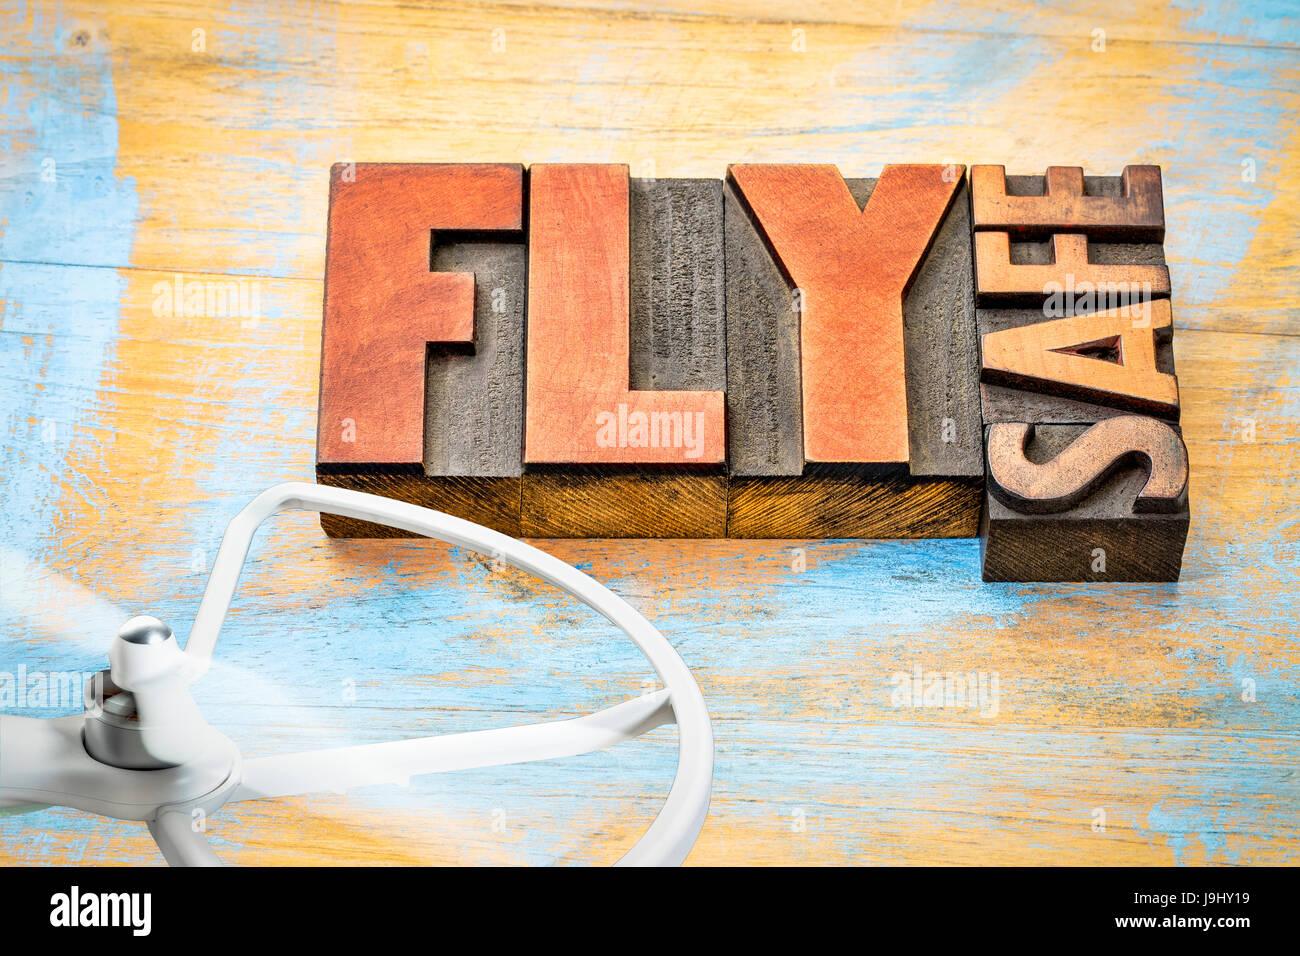 Fliegen Sie sicher - drone Betrieb Erinnerung - Zusammenfassung der Wörter im Buchdruck Holzart mit einem rotierenden Stockbild